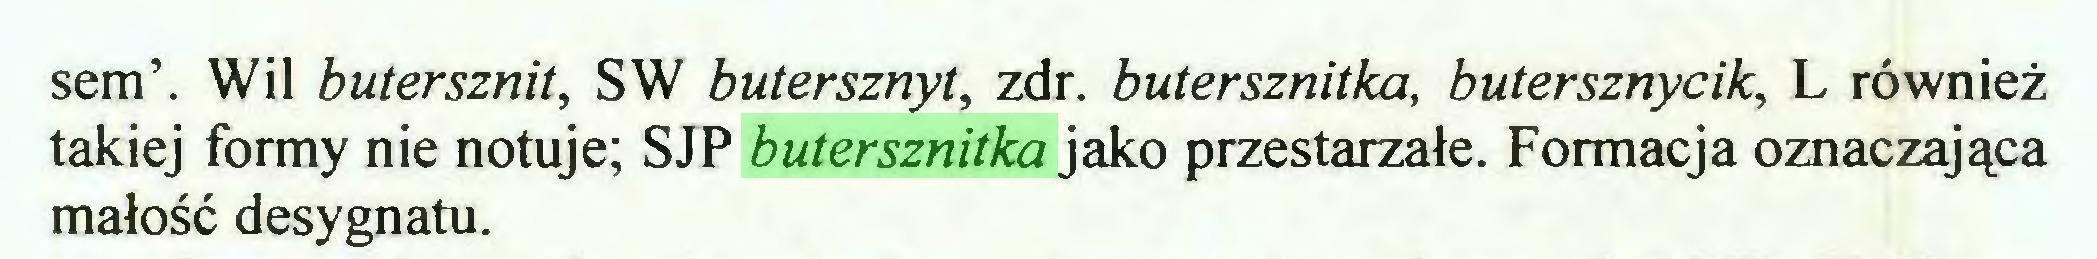 (...) sem\ Wil butersznit, SW butersznyt, zdr. butersznitka, butersznycik, L również takiej formy nie notuje; SJP butersznitka jako przestarzałe. Formacja oznaczająca małość desygnatu...